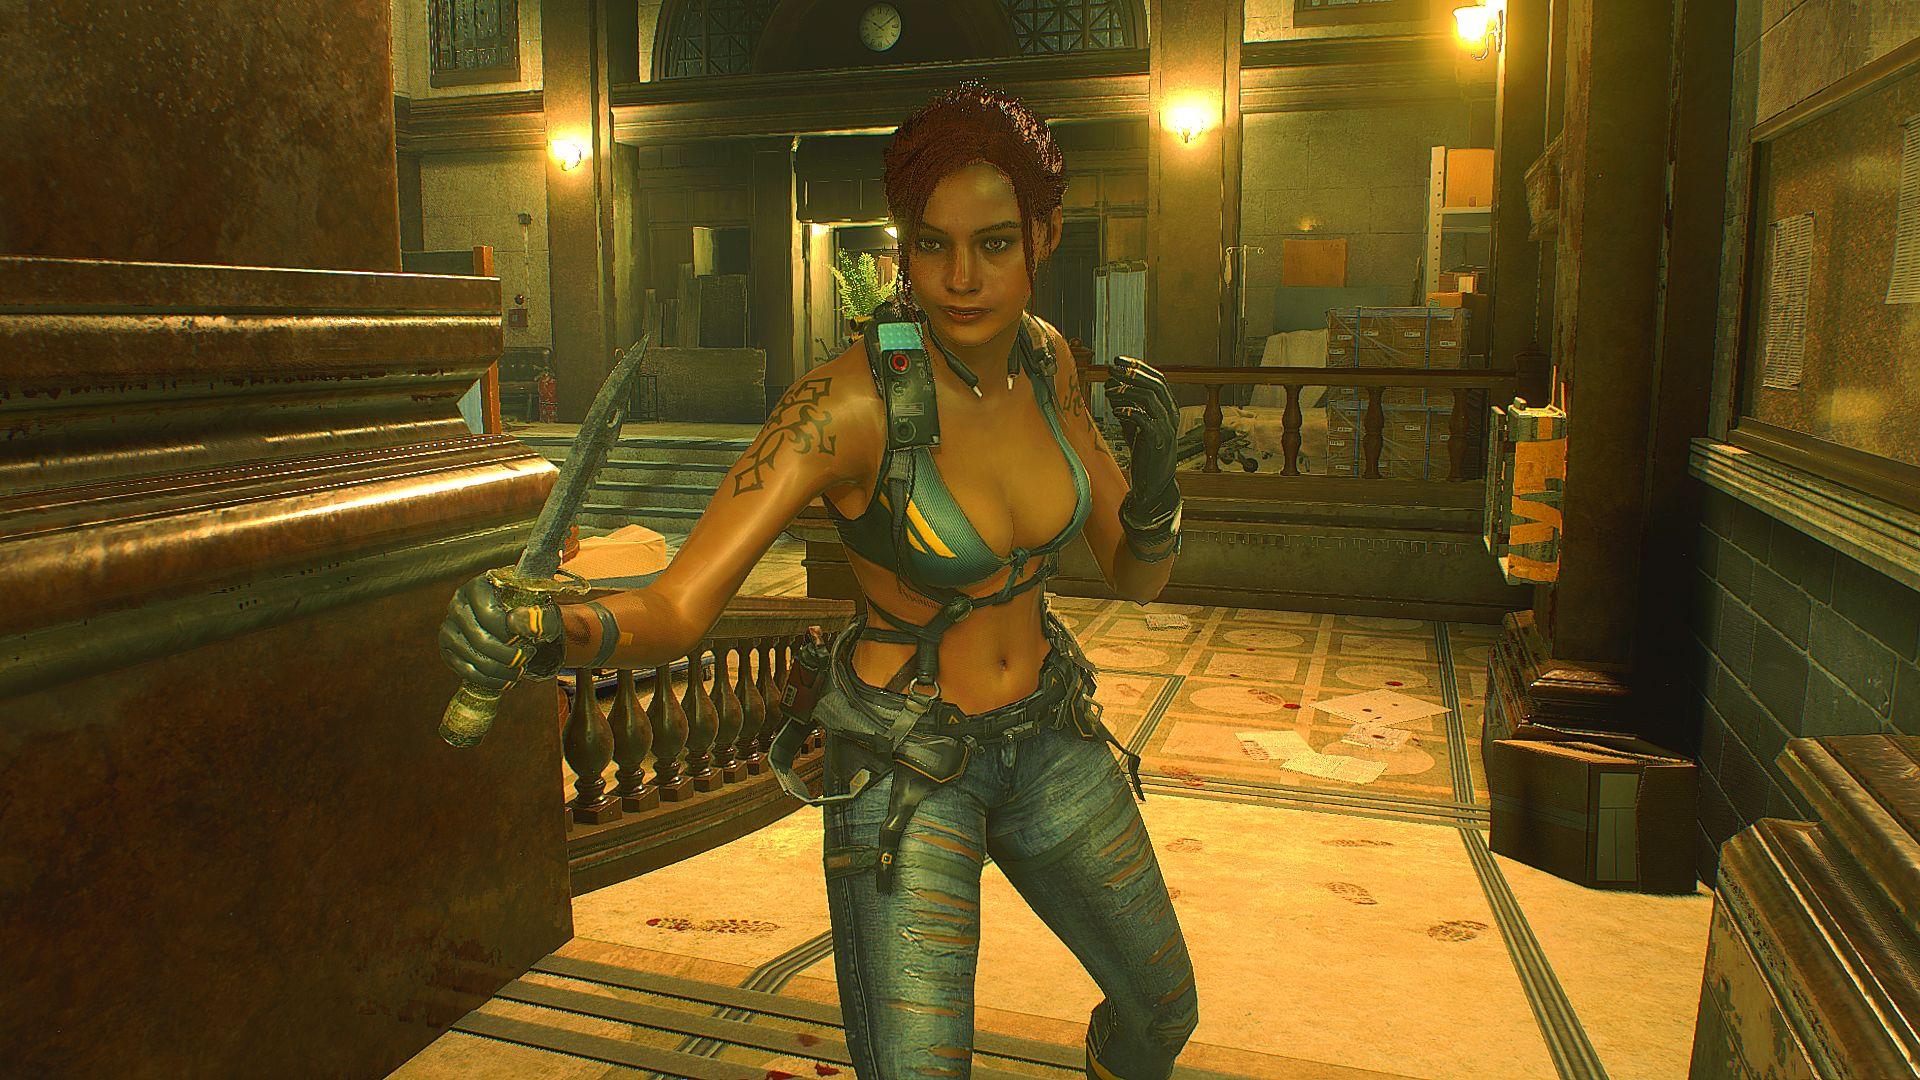 000170.Jpg - Resident Evil 2